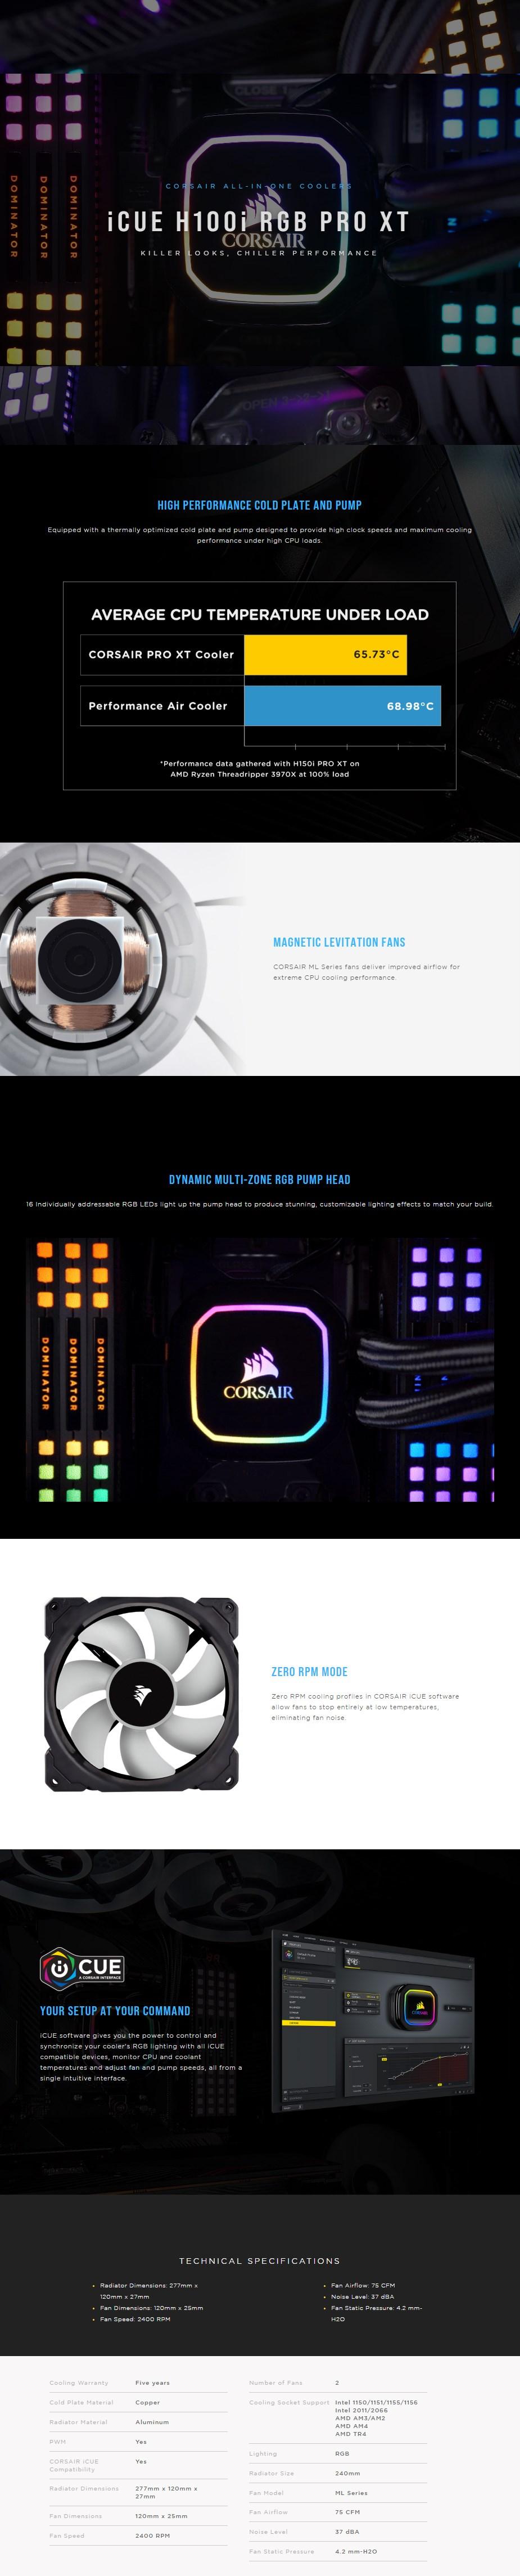 Corsair iCUE H100i RGB PRO XT 240mm Liquid CPU Cooler - Overview 1